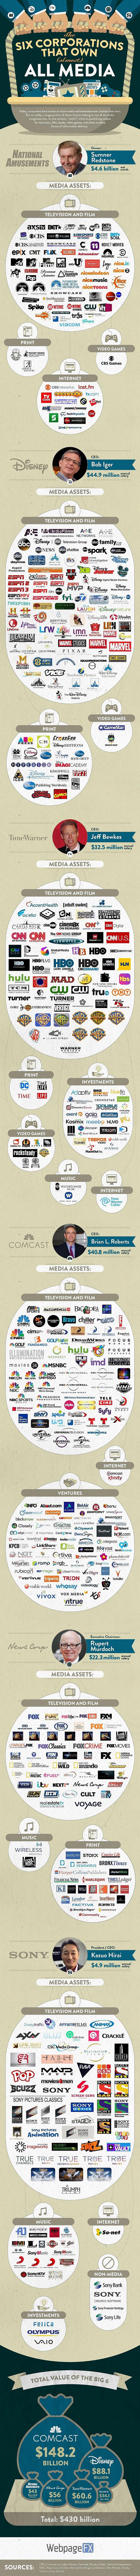 Cette infographie présente les 6 groupes à la tête des plus puissants médias